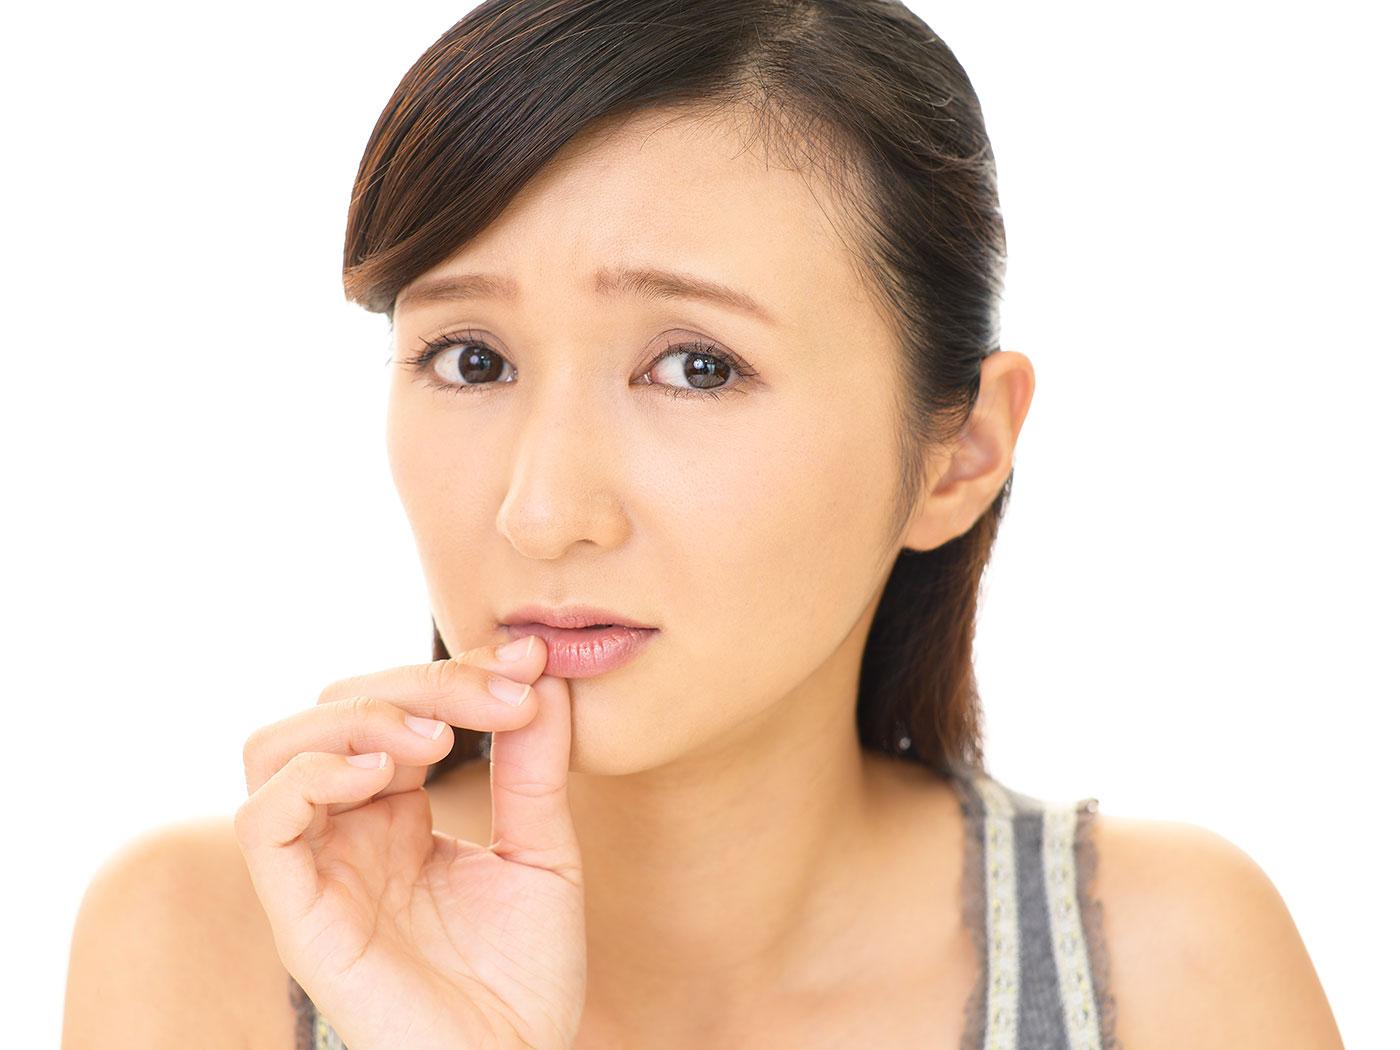 前歯に口紅がつく、口が臭い…それってもしかして?